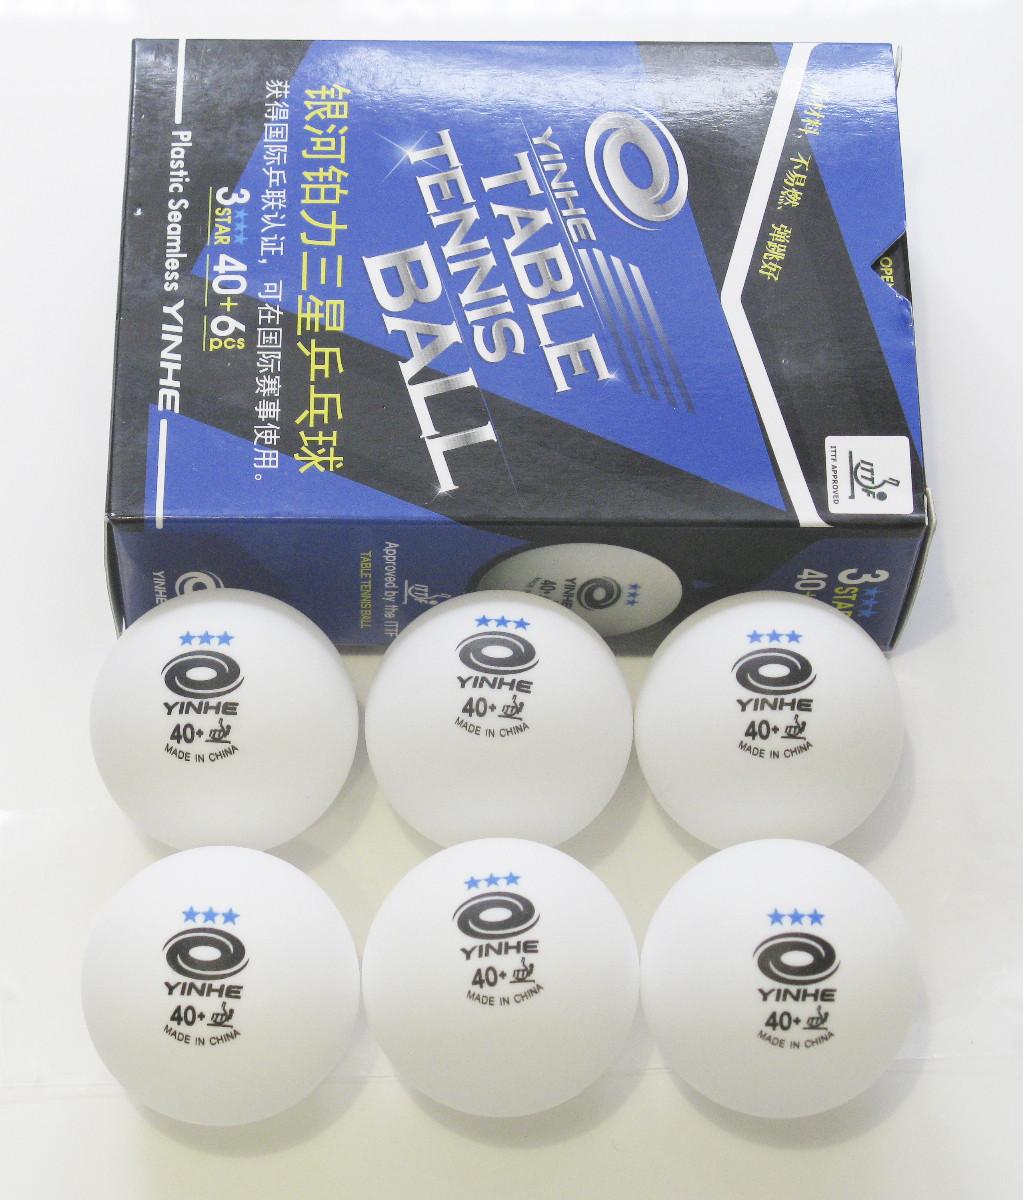 Мячи для настольного тенниса Yinhe 40+ (6шт.)